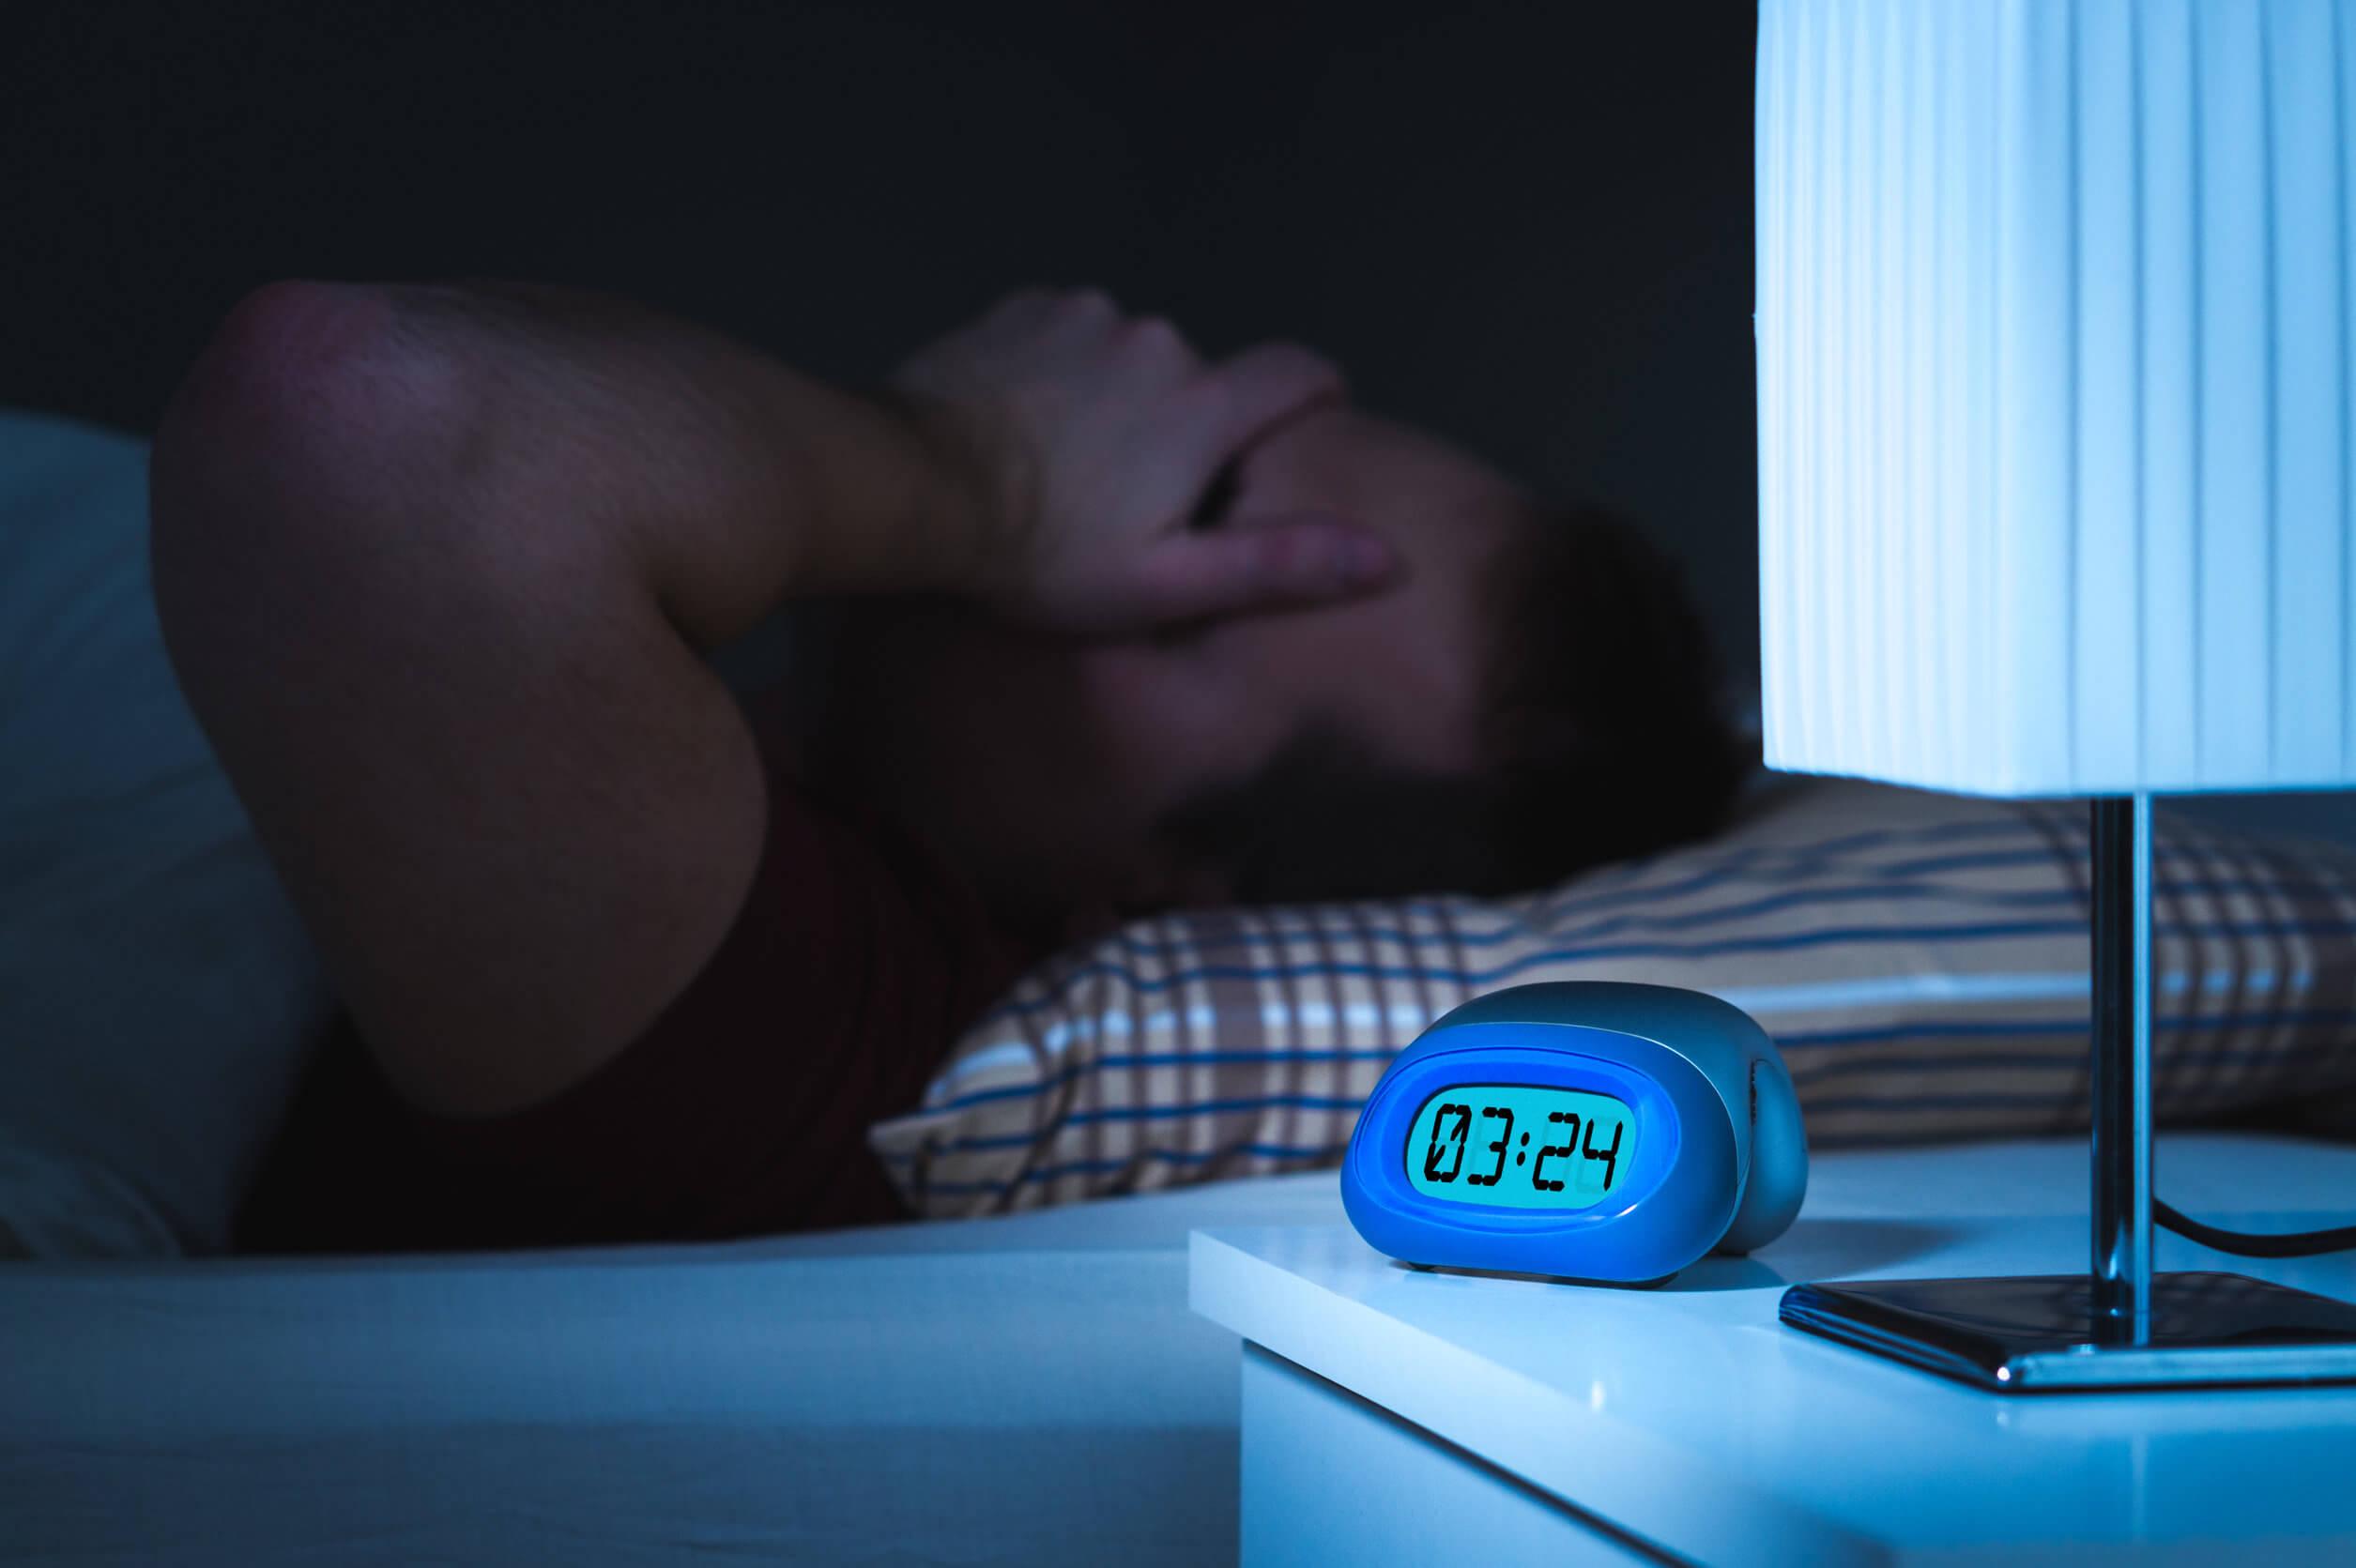 Quais são as alterações nos padrões de sono?